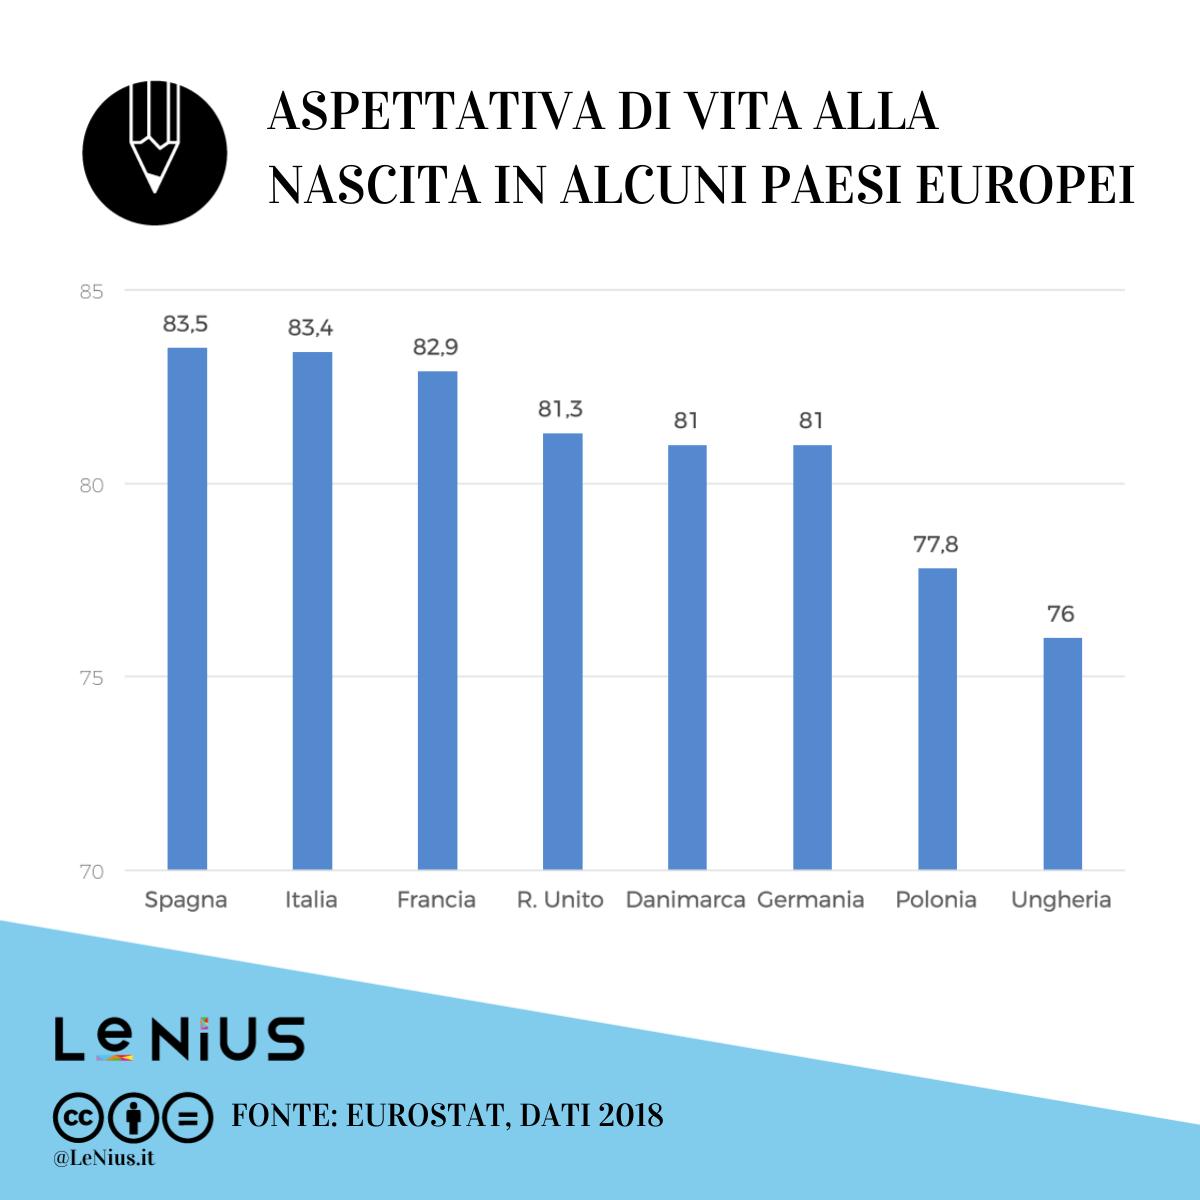 aspettativa di vita europa 2018